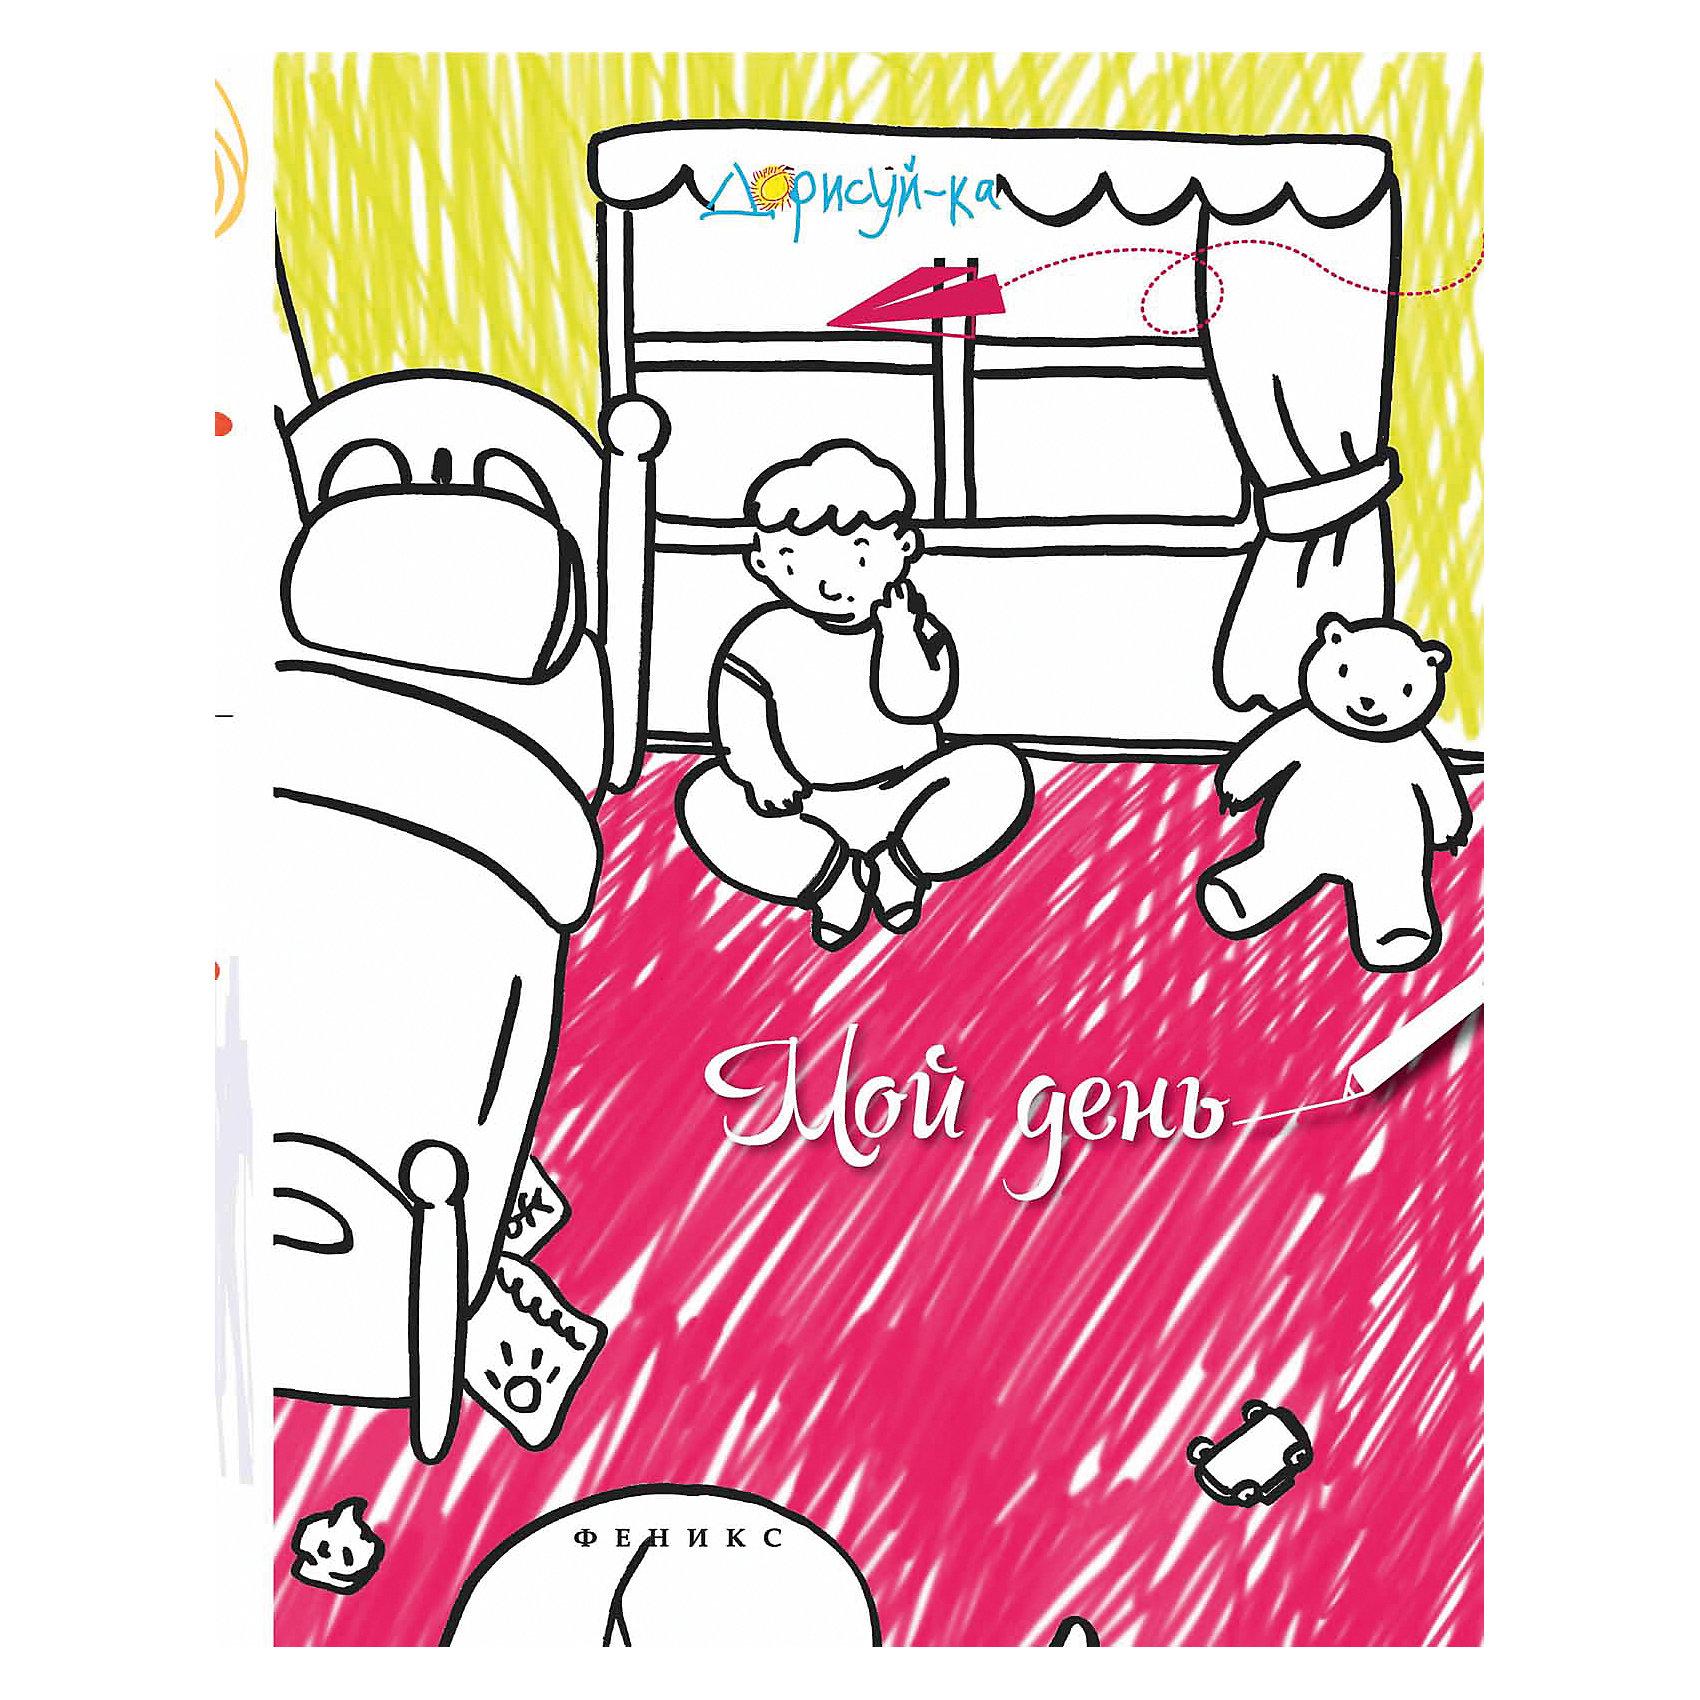 Раскраска Мой деньРисование<br>Книжка-раскраска Мой день<br><br>Характеристики: <br><br>• Кол-во страниц: 16<br>• ISBN: 9785222252604<br>• Возраст: 0+<br>• Обложка: мягкая <br>• Формат: а4<br><br>Эта раскраска позволяет ребенку не только раскрашивать уже готовые иллюстрации, но и дополнять их или создавать самому. На страницах этой книги изображено множество ситуаций, начиная от обычной жизни городка, заканчивая распорядком дня малыша, изучая которые ребенок сможет сам придумывать персонажей и их истории.<br><br>Книжка-раскраска Мой день можно купить в нашем интернет-магазине.<br><br>Ширина мм: 260<br>Глубина мм: 199<br>Высота мм: 10<br>Вес г: 65<br>Возраст от месяцев: -2147483648<br>Возраст до месяцев: 2147483647<br>Пол: Унисекс<br>Возраст: Детский<br>SKU: 5464519